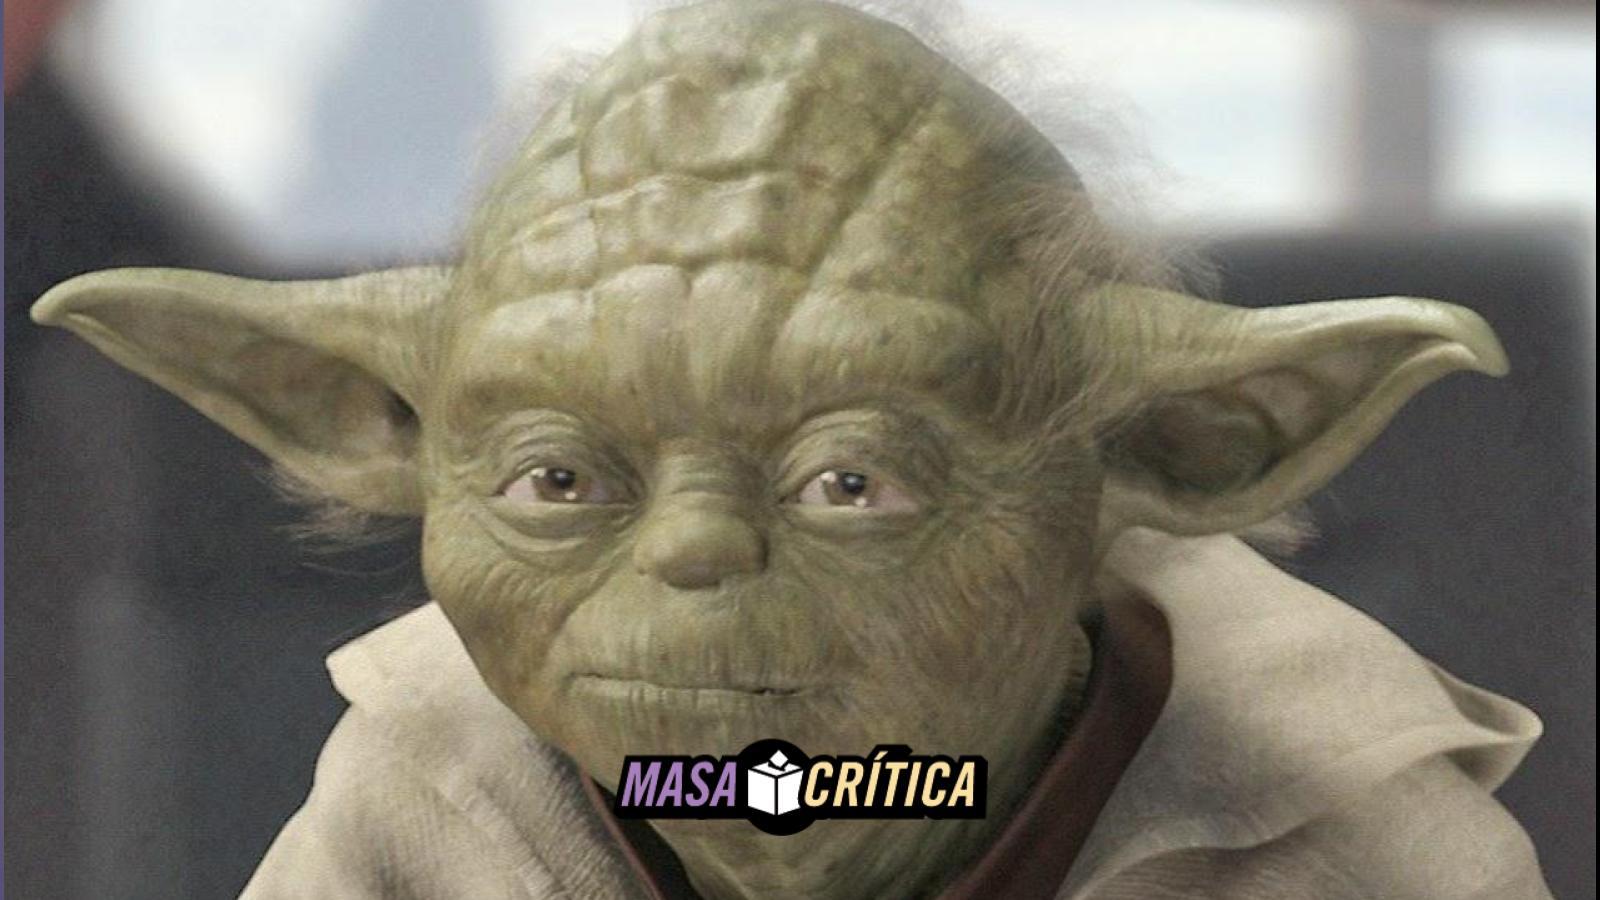 amlo, morena, lópez obrador, elecciones 2018, toda, star wars